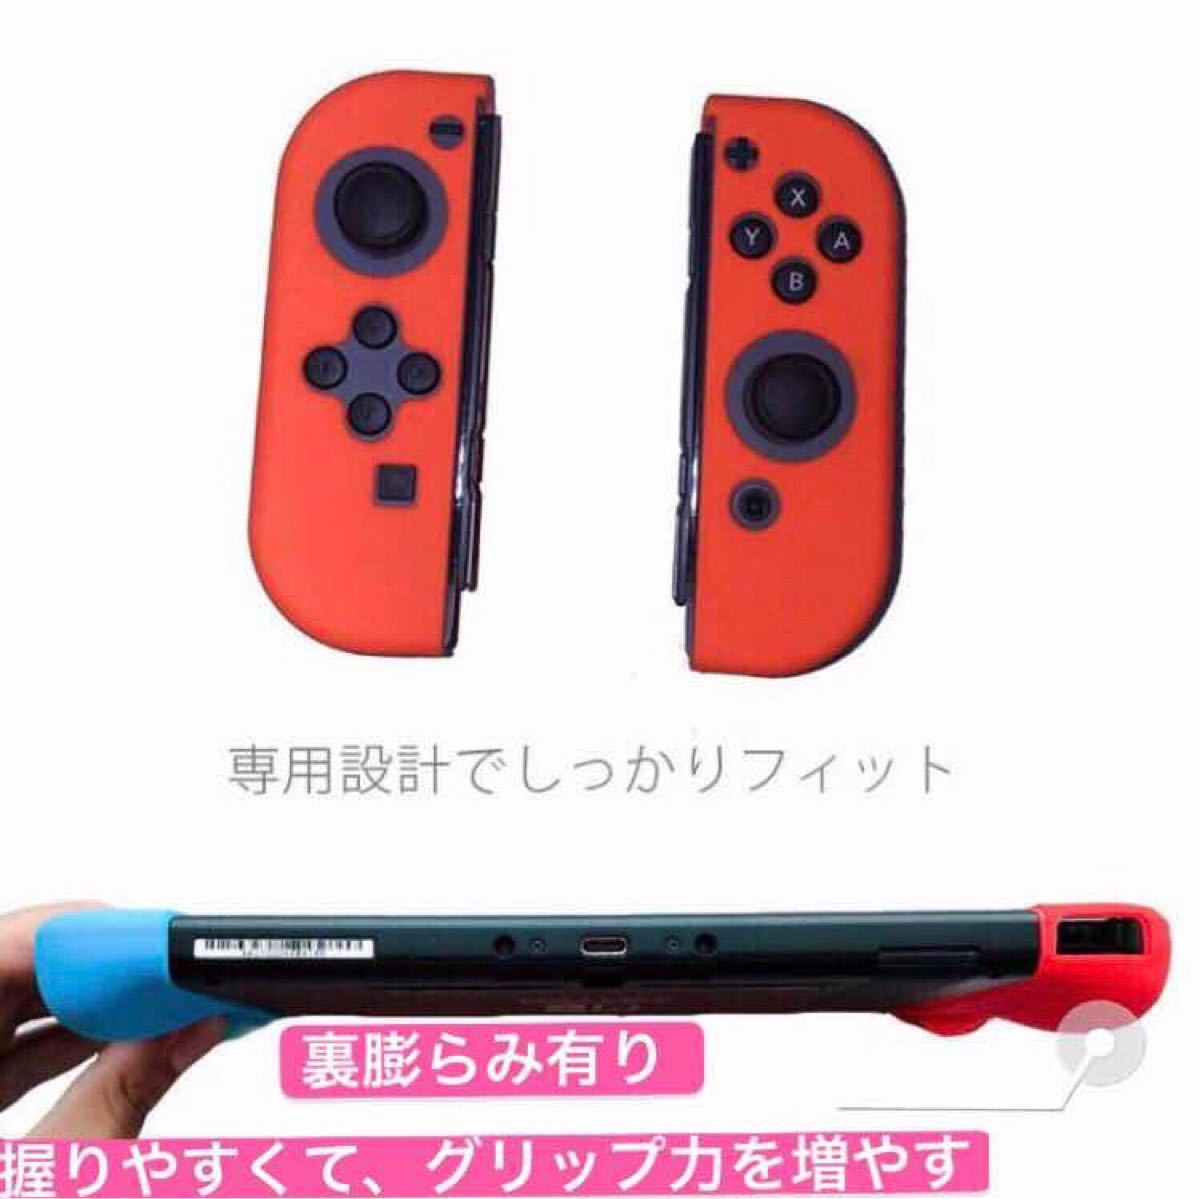 任天堂Switchジョイコンカバー スイッチスティックカバー付き青赤マリオきのこ